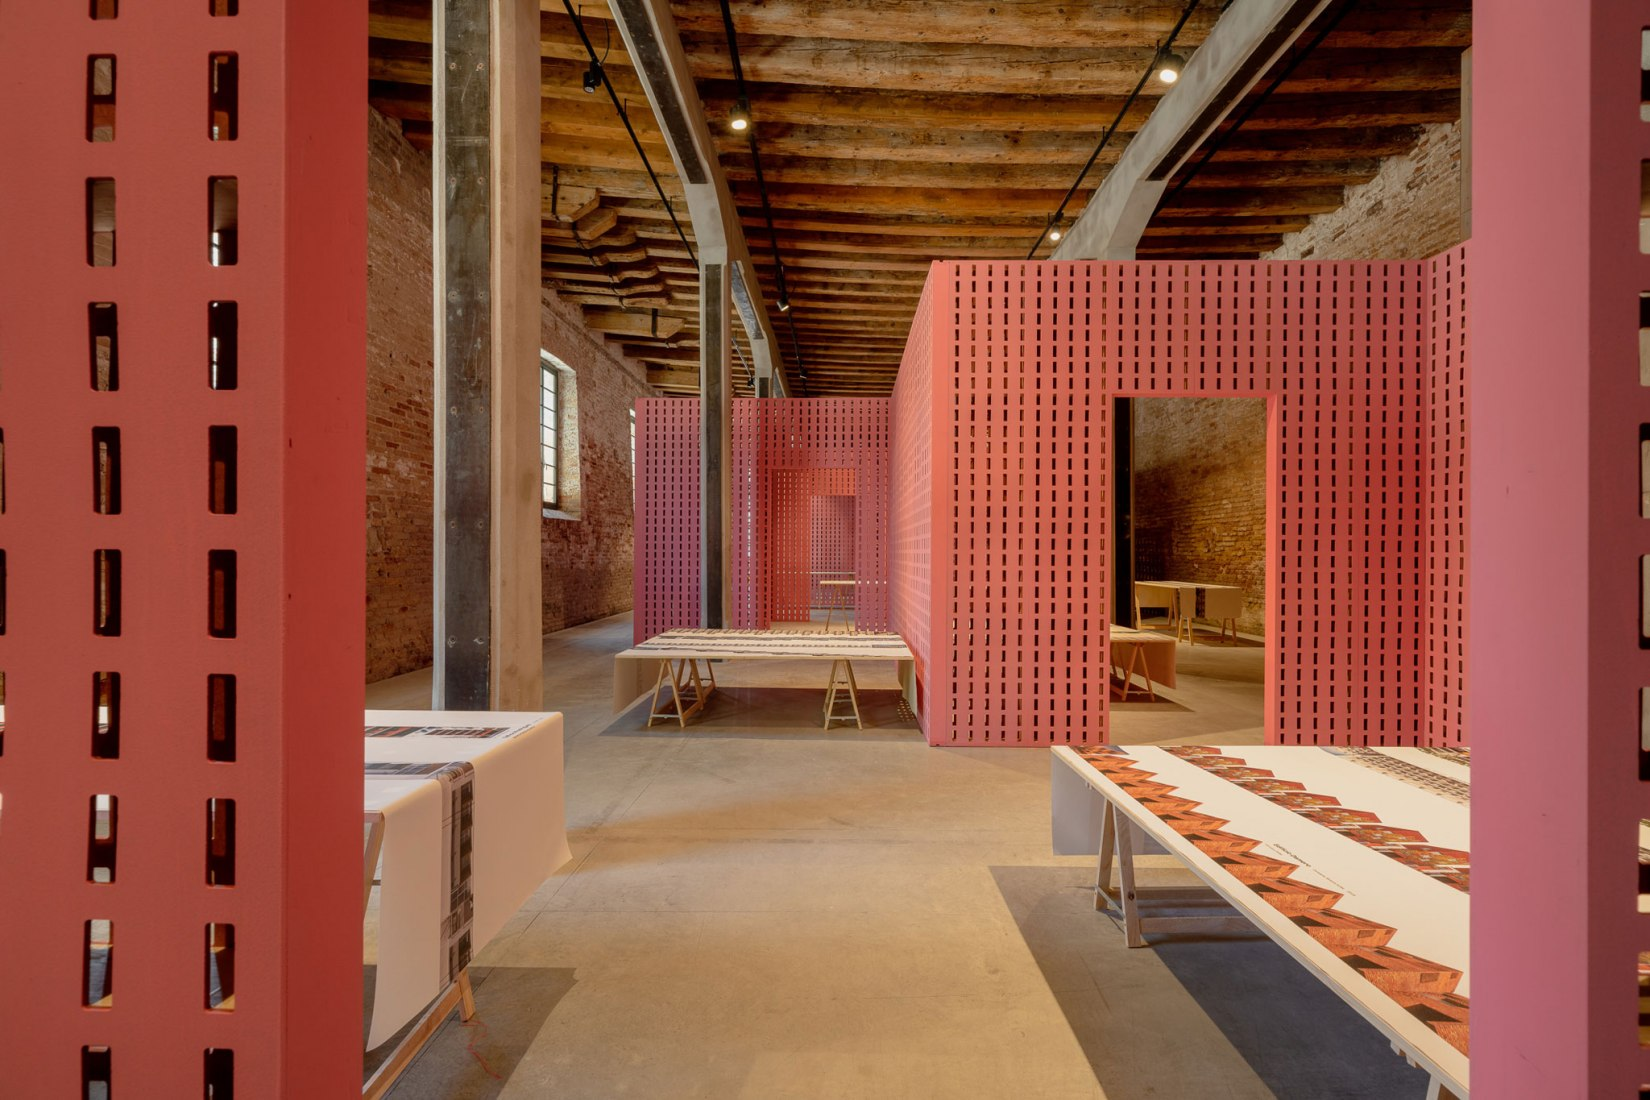 La casa infinita. Pabellón argentino de la Biennale di Venezia por Gerardo Caballero. Fotografía por Andrea Avezzù